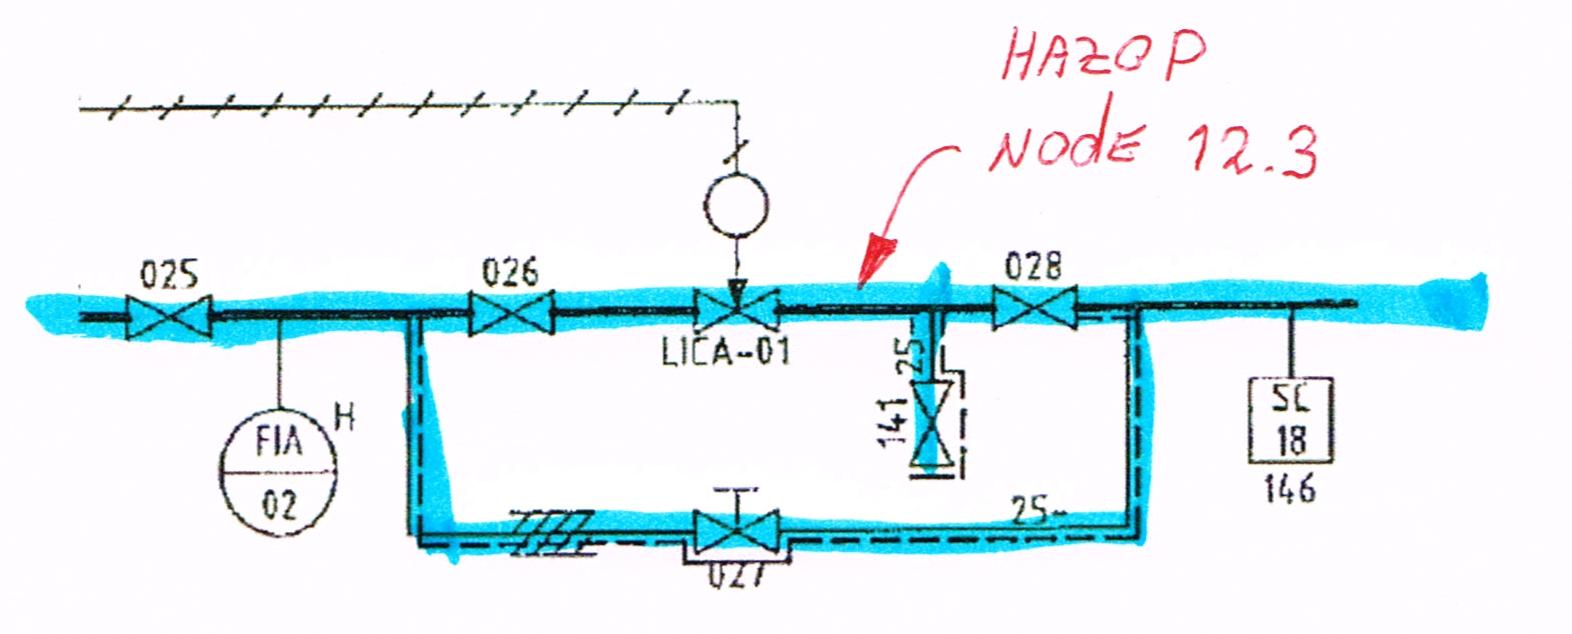 HAZOP node